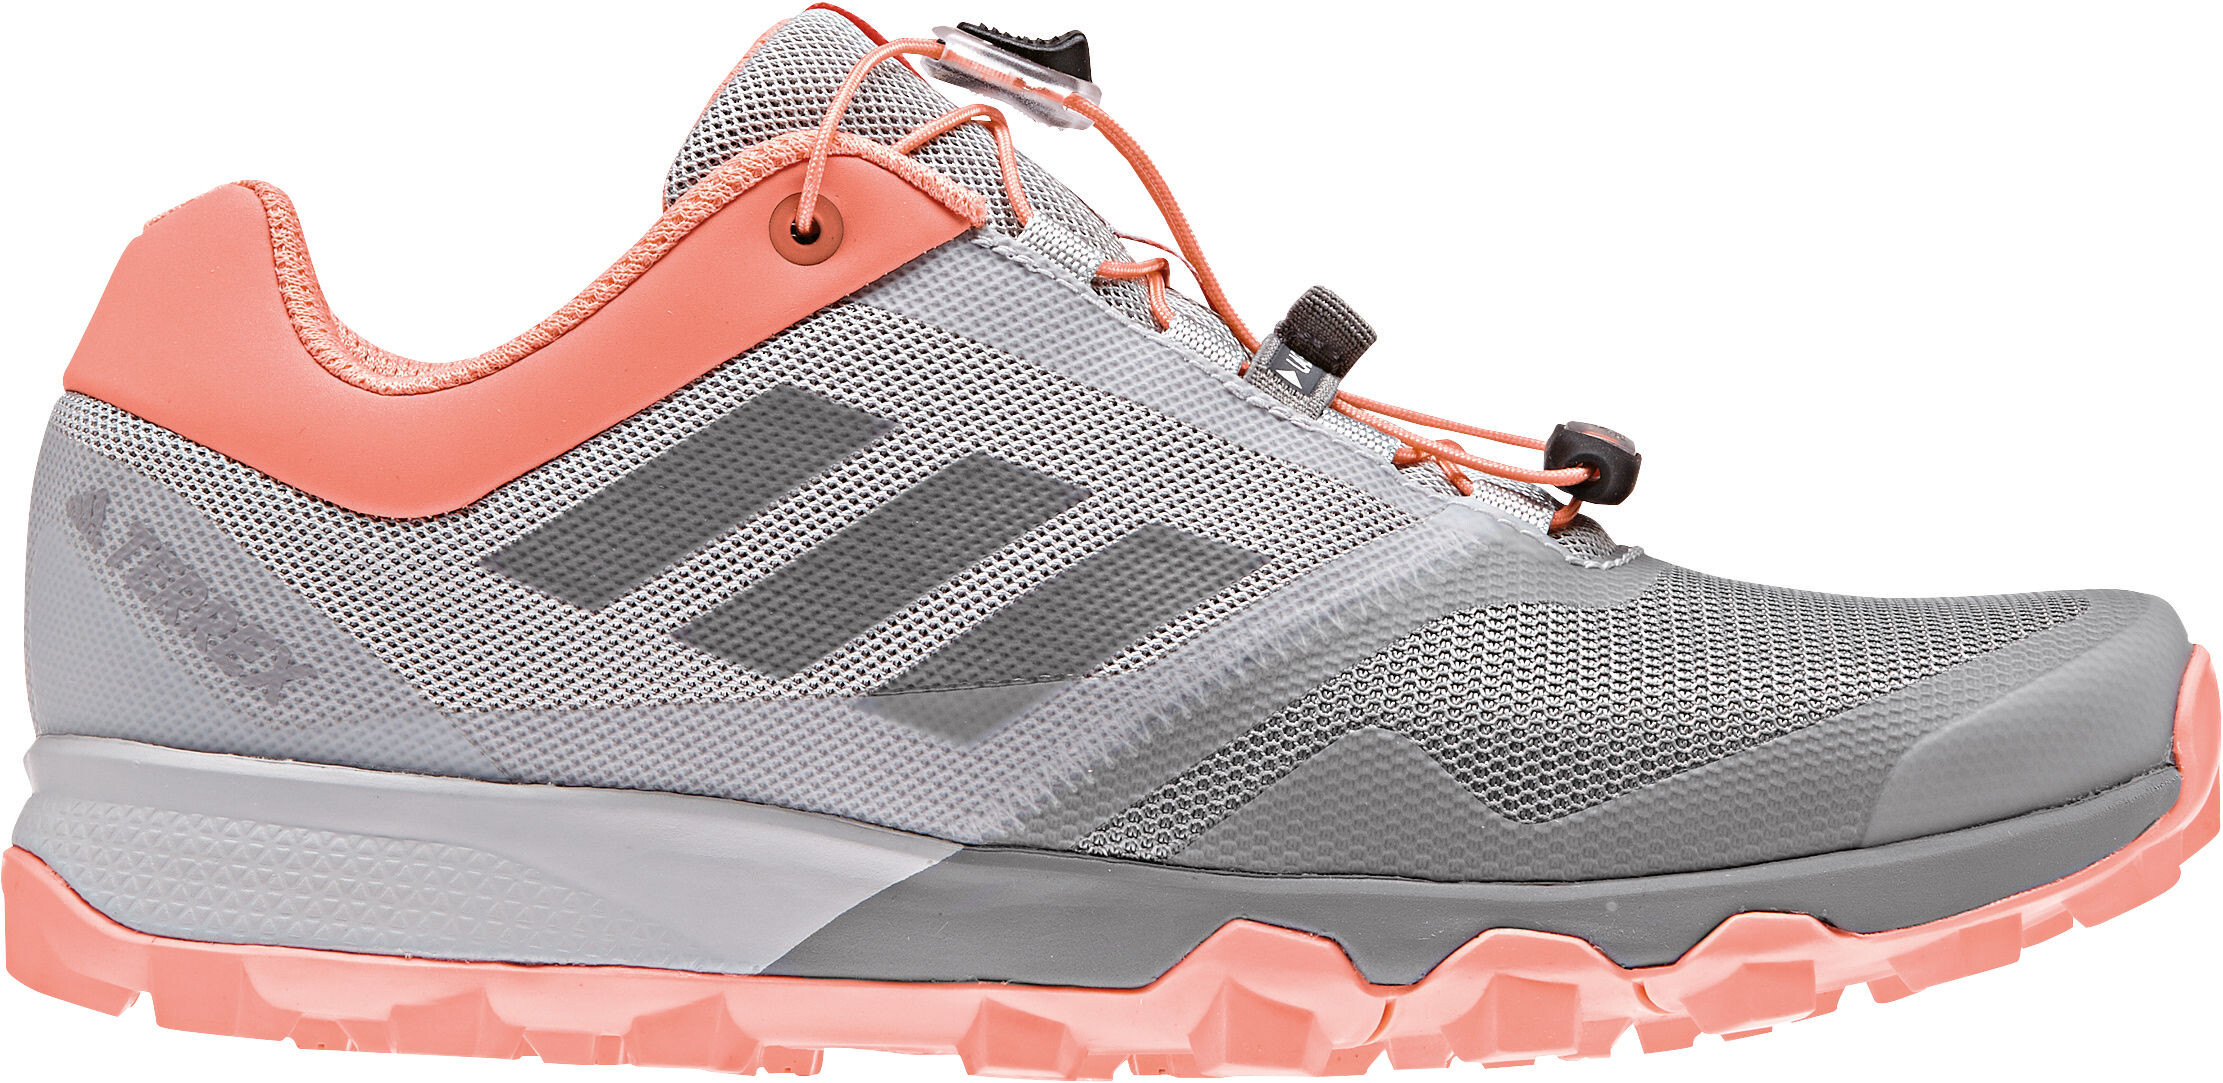 adidas TERREX Trailmaker Löparskor Dam grå orange - till fenomenalt ... d909afe96ef26